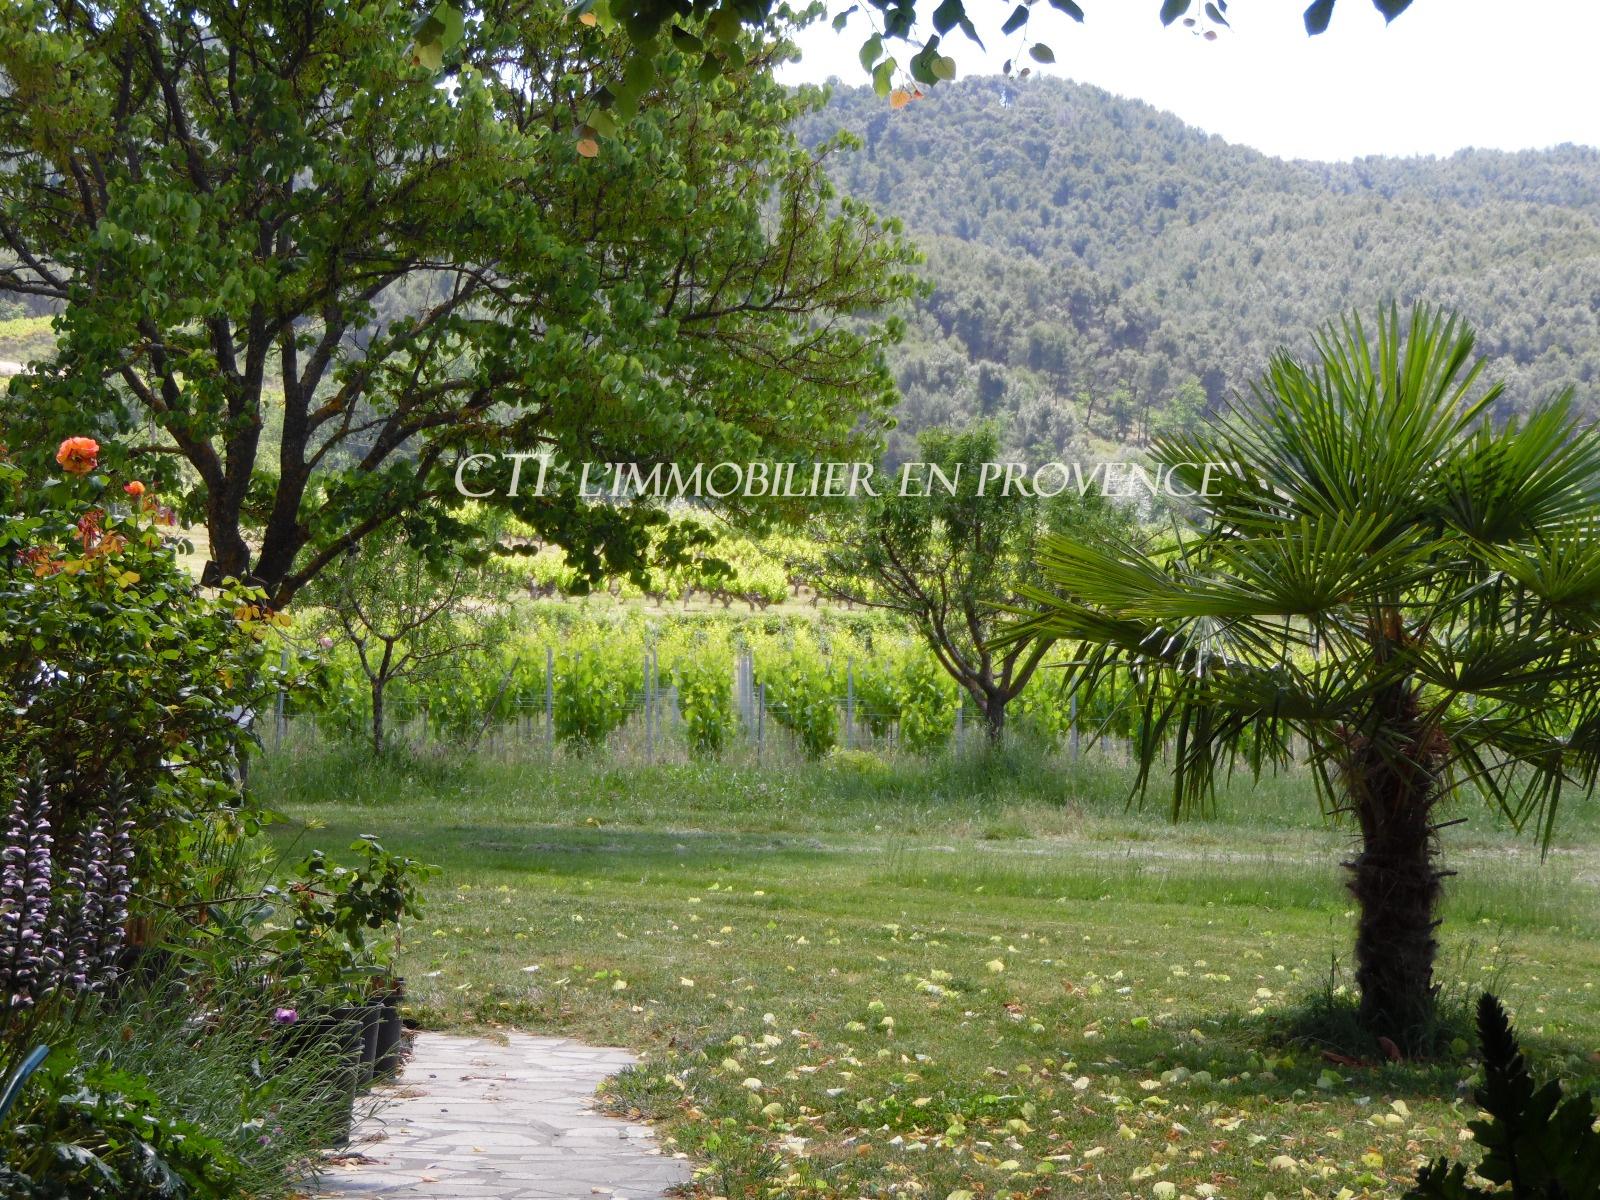 www.cti-provence.net MAS DE CAMPAGNE PIERRE A VENDRE PROCHE VAISON LA ROMAINE VUE MONT-VENTOUX